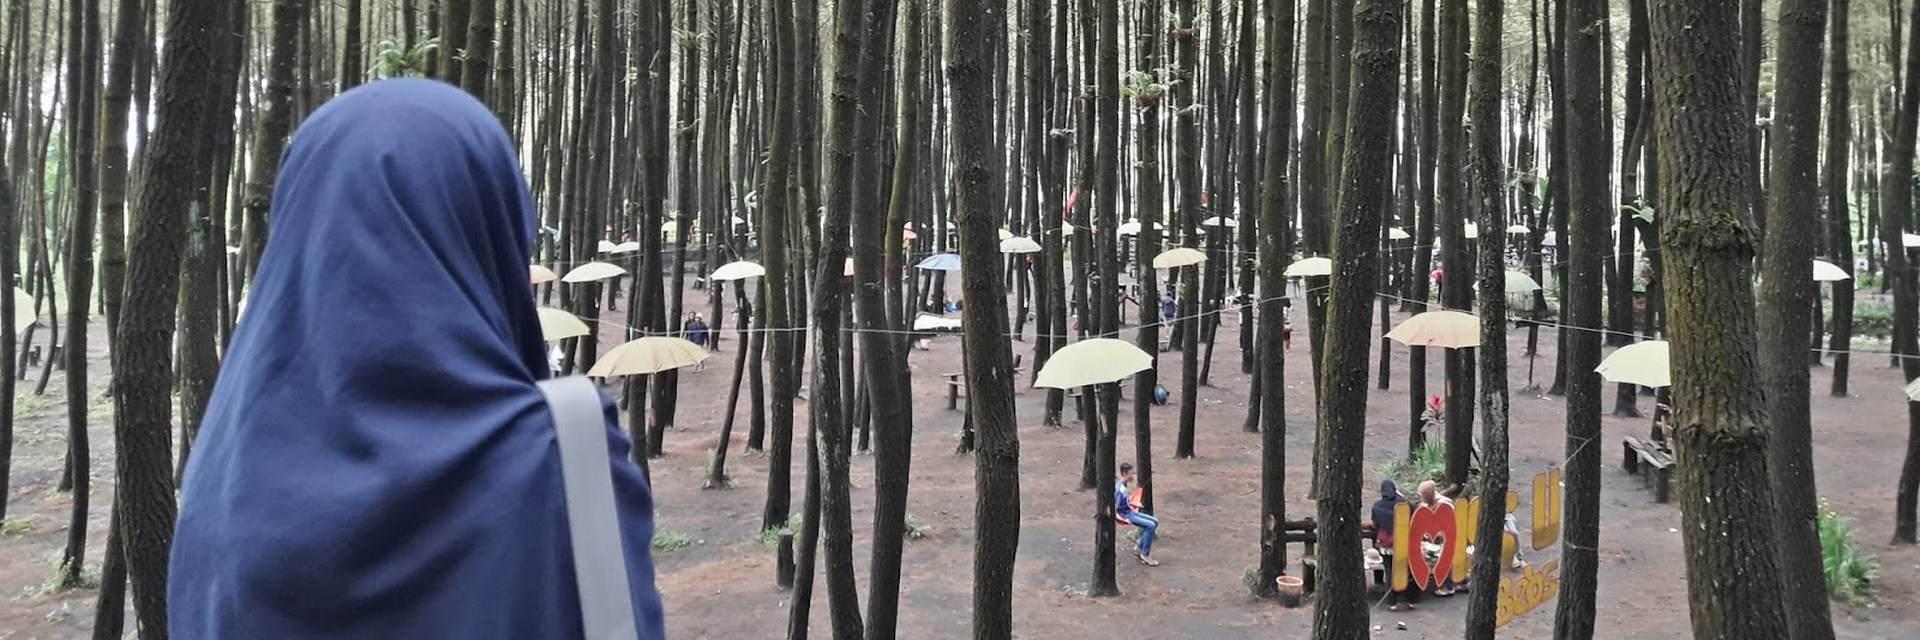 4 Wisata Hutan Pinus Ter-Hits di Kota Malang 4 Wisata Hutan Pinus Ter Hits di Kota Malang - Dolan Dolen